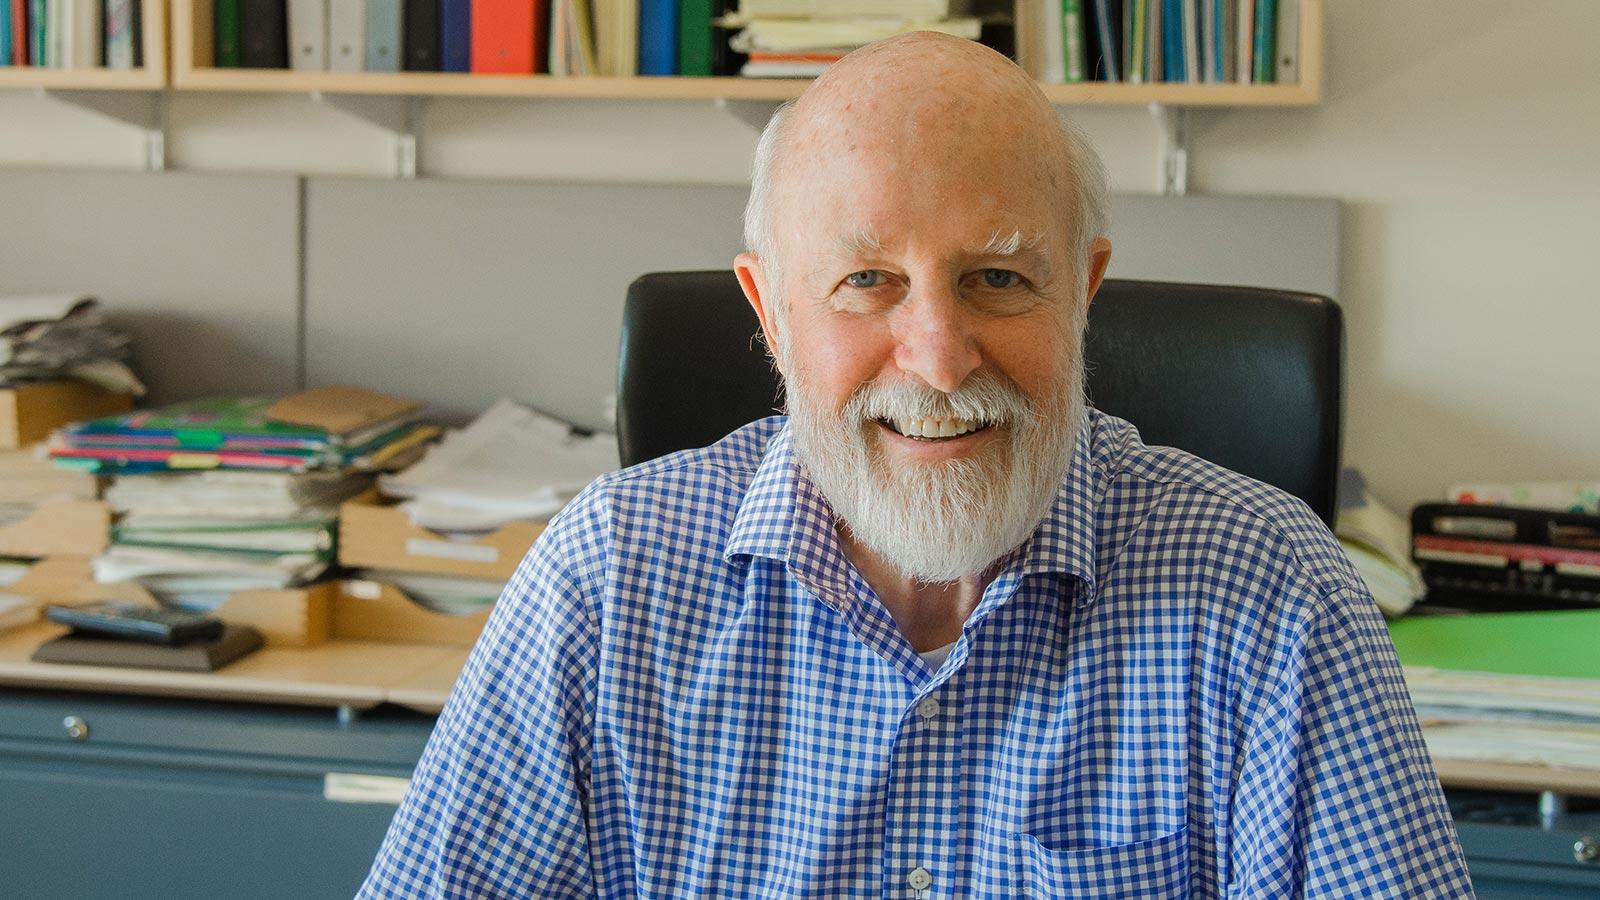 Richard O. Hynes